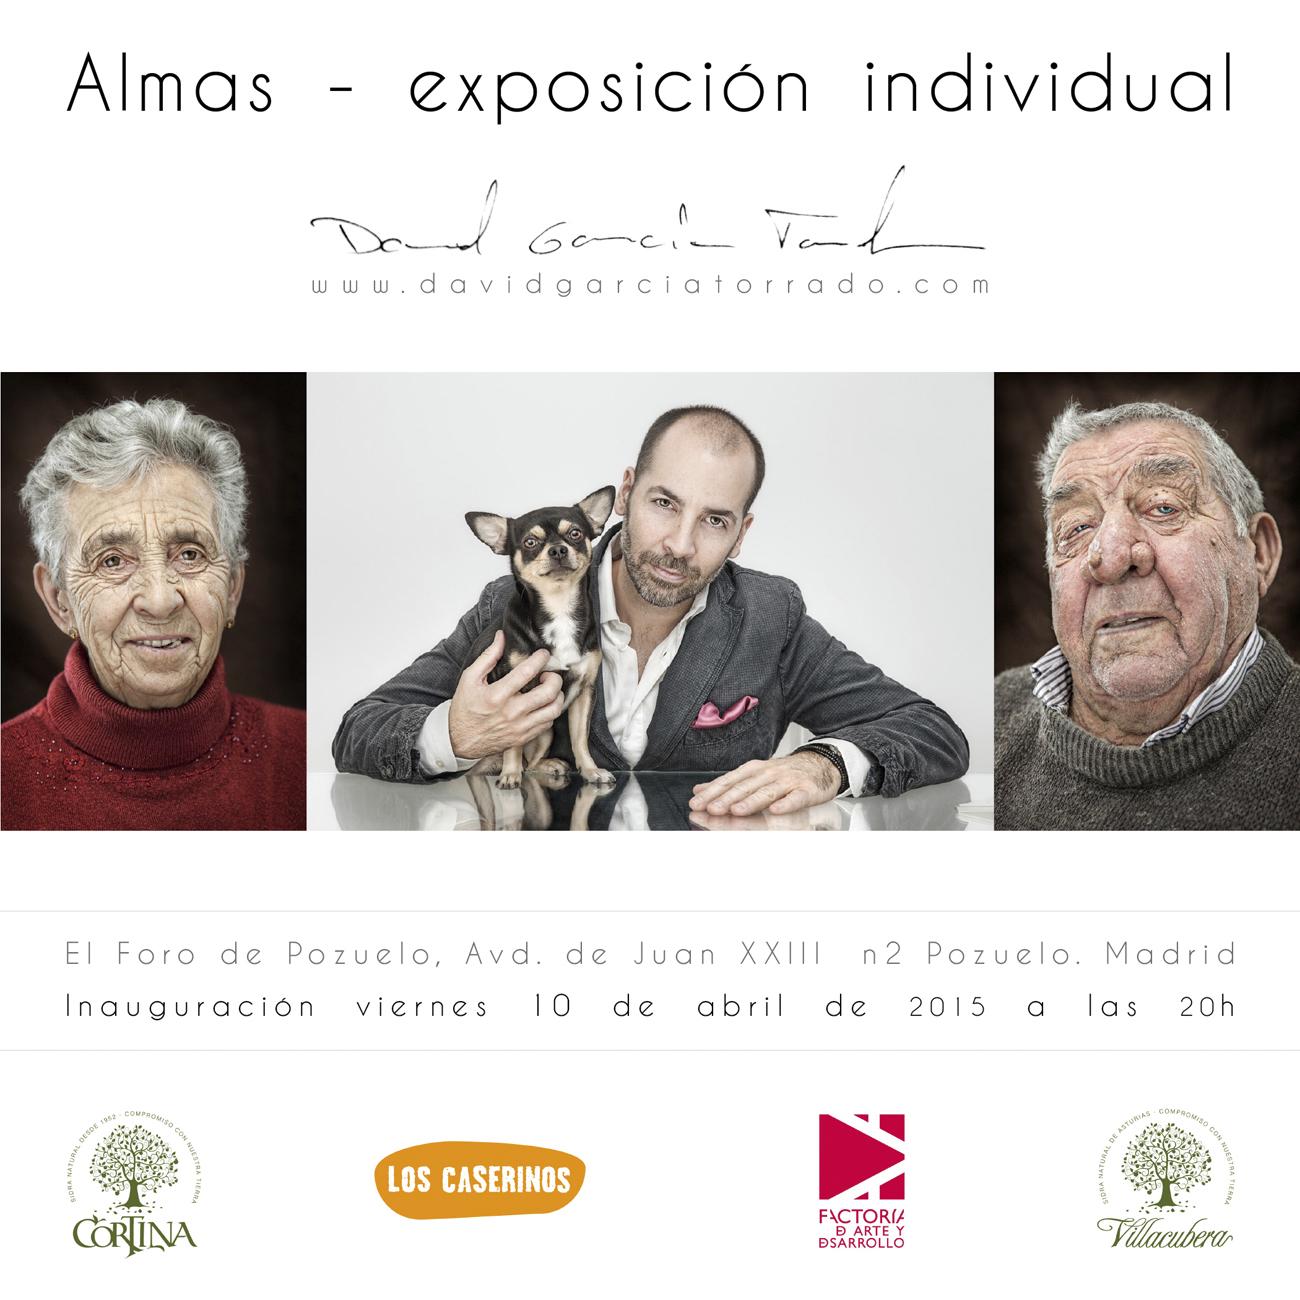 Almas, exposición individual